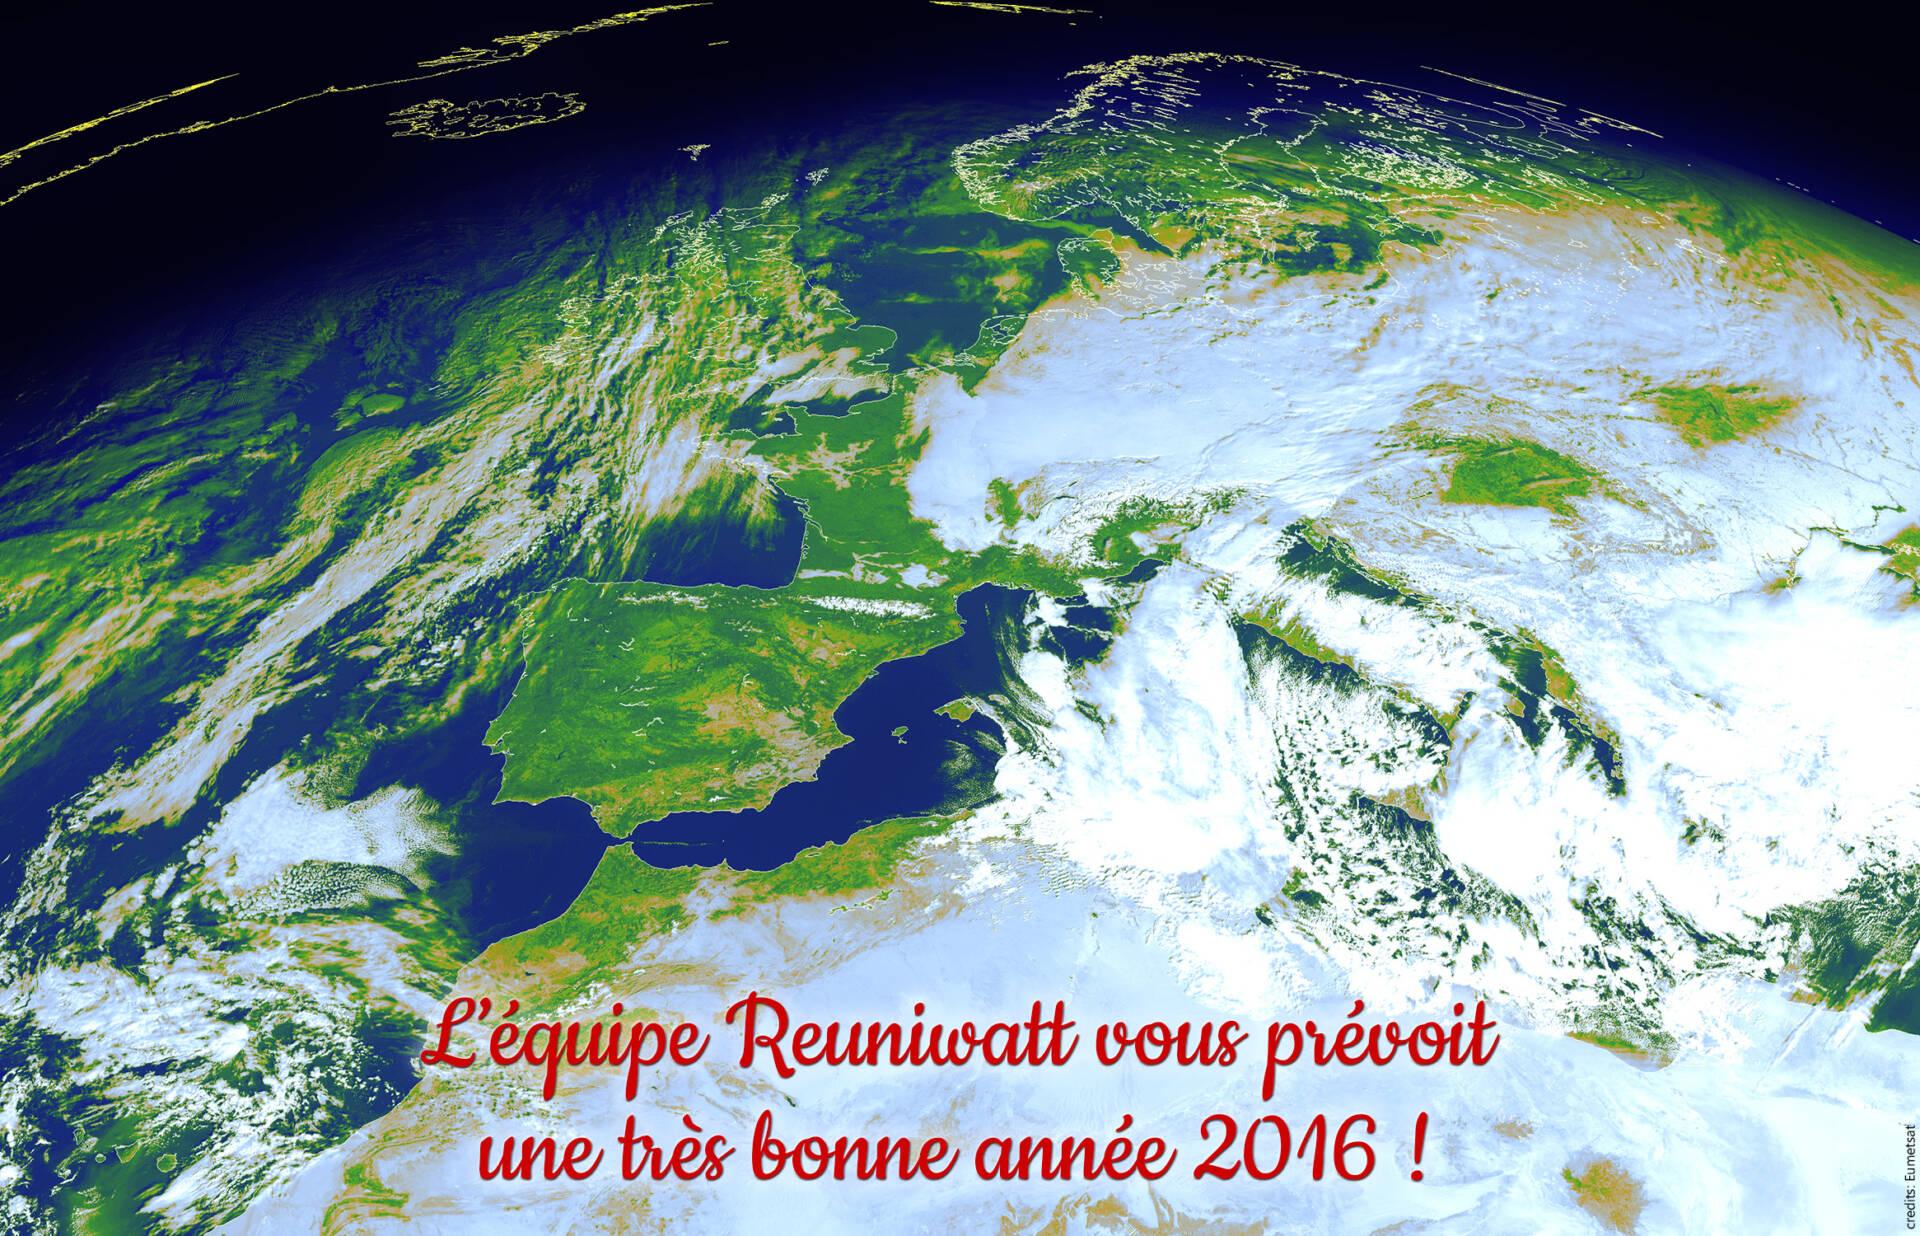 Meilleurs vœux pour 2016 !